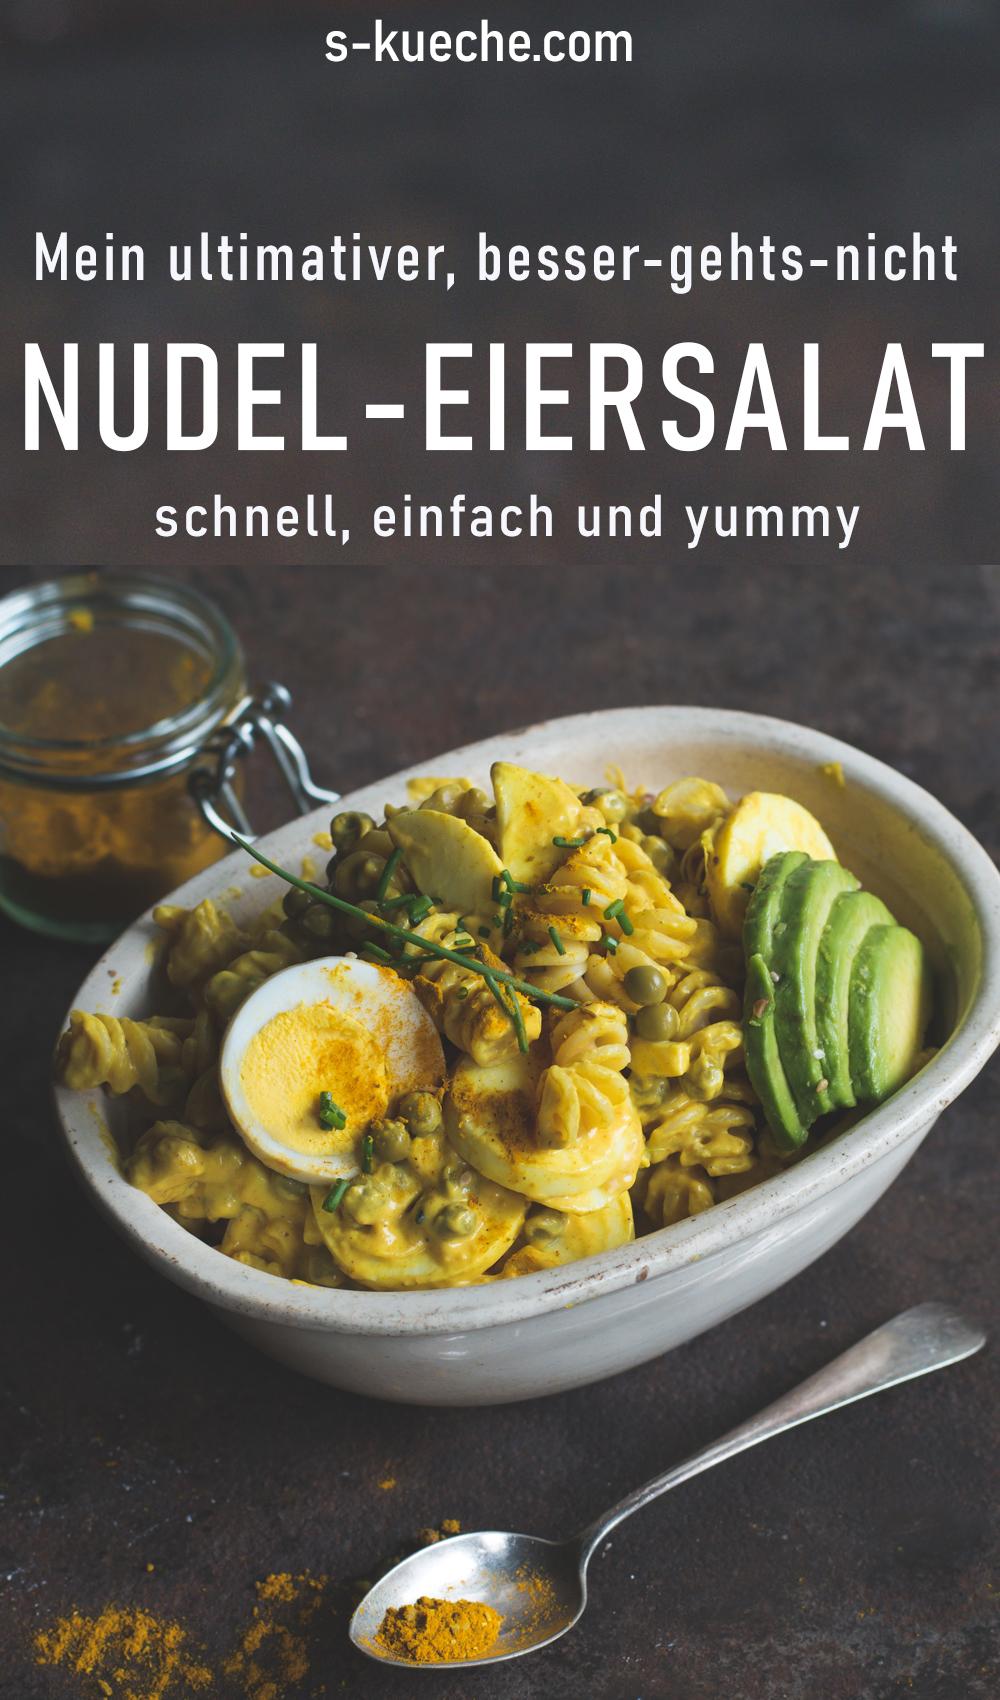 Mein ultimativer Nudel-Eiersalat